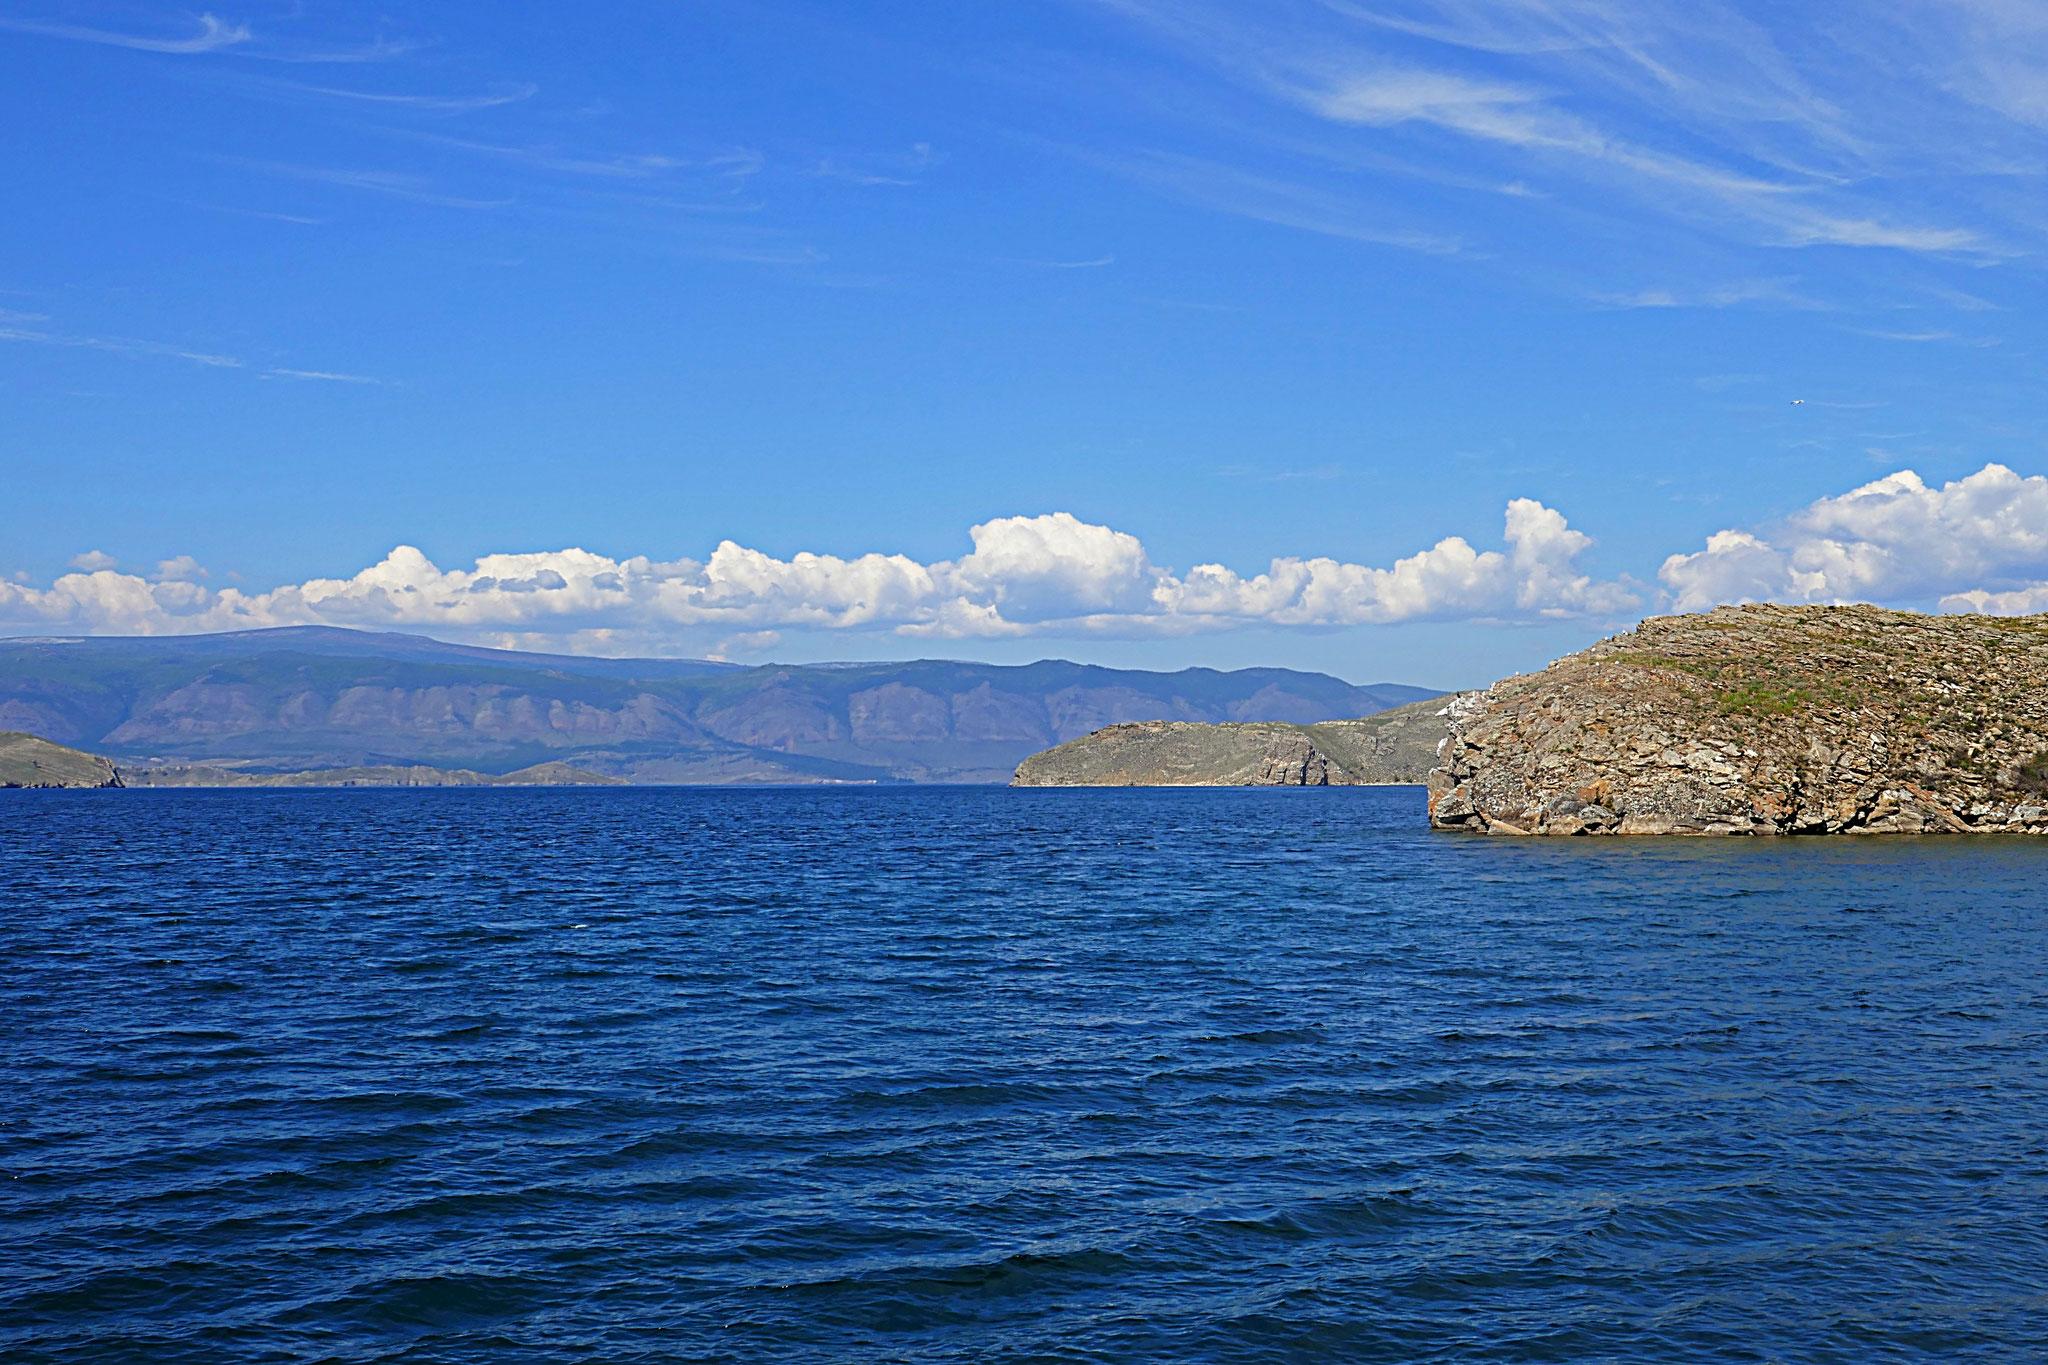 Mit der Fähre über den Baikalsee auf die Insel Olchon